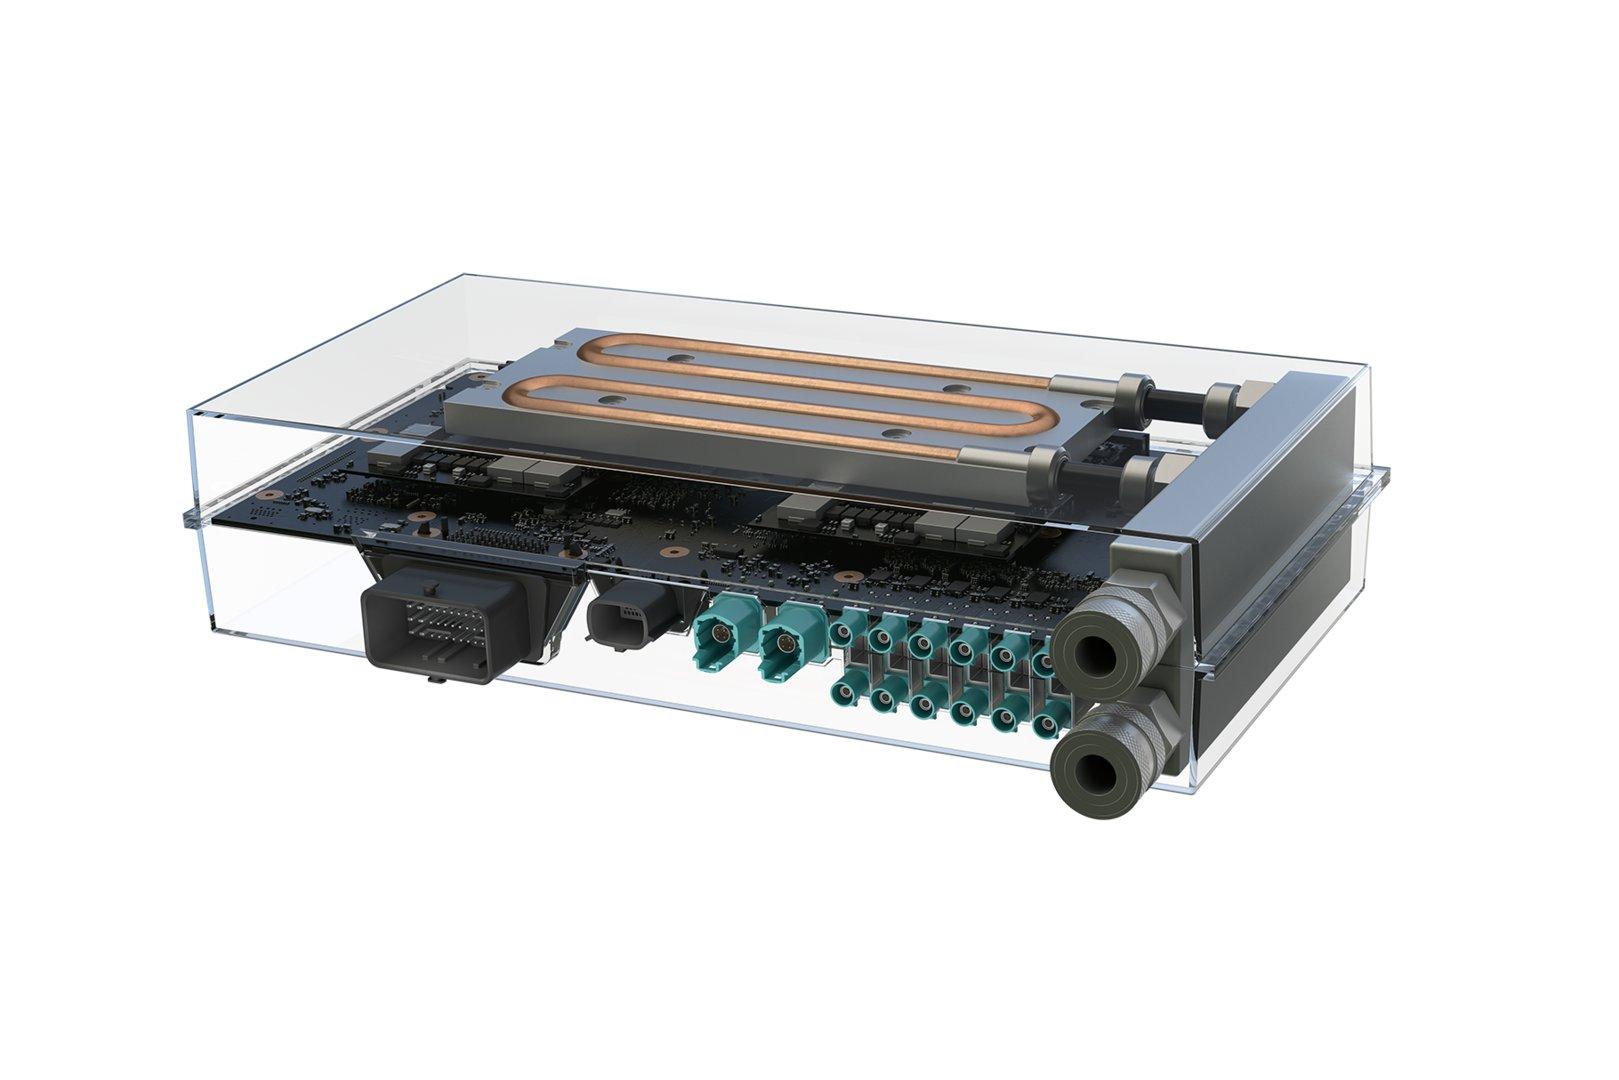 Nvidia Drive PX 2 mit Pascal-GPUs zur GTC 2016